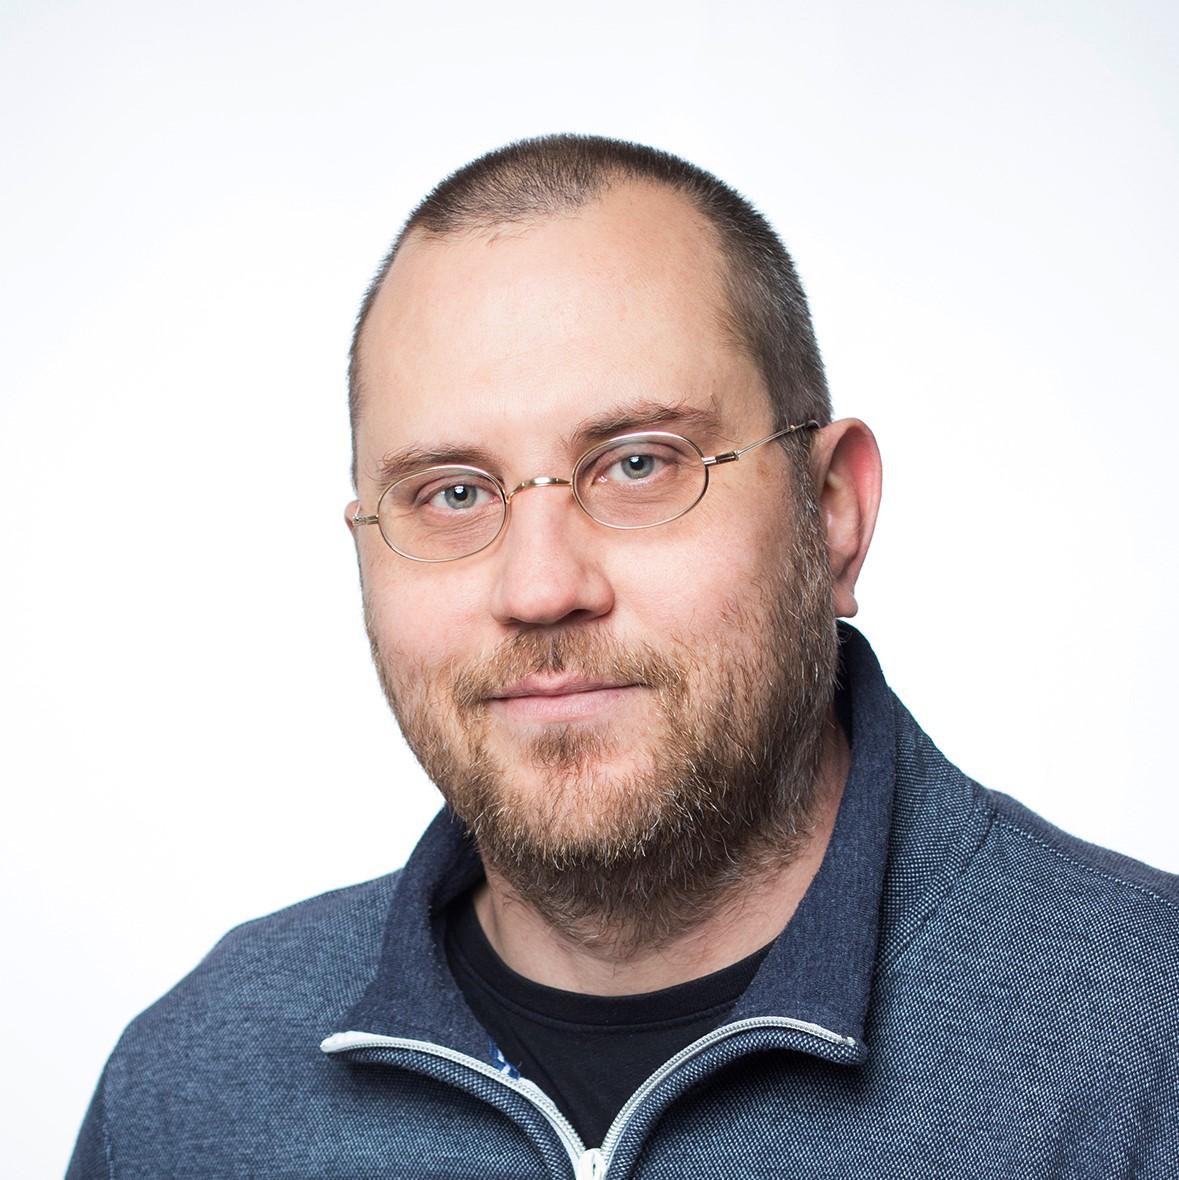 Joni Kähärä | Technical Specialist